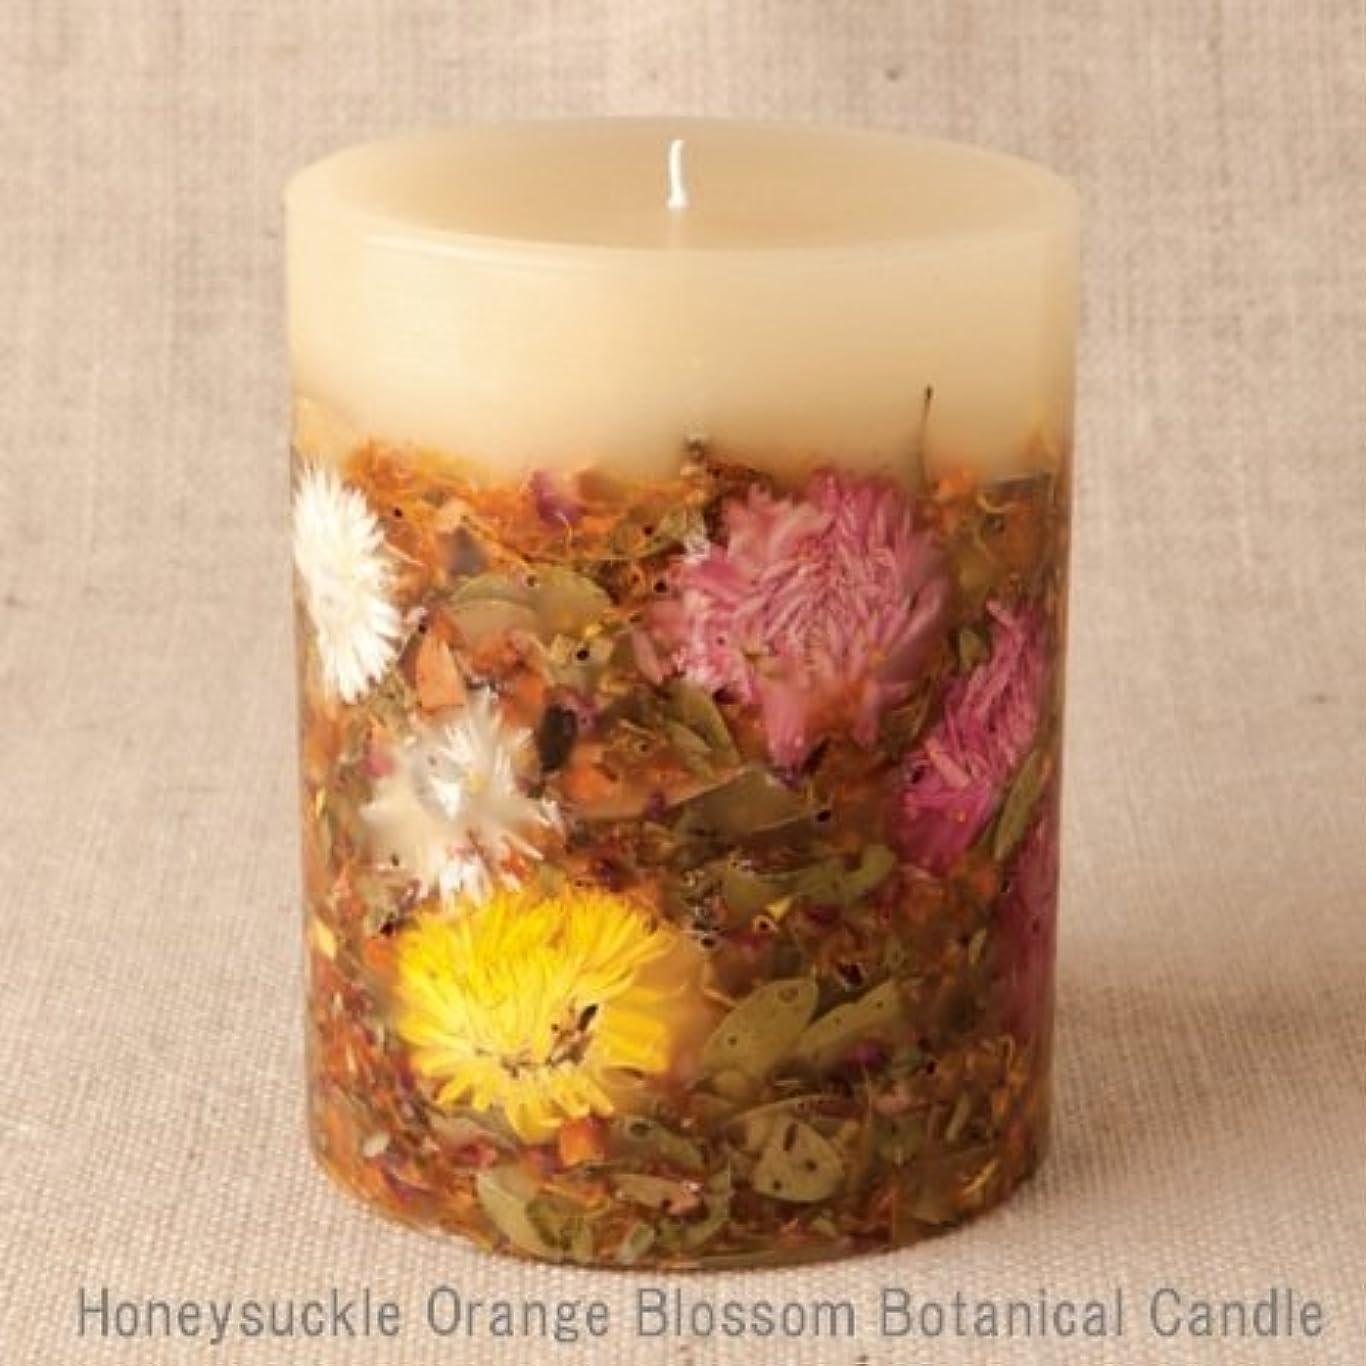 デコレーション衣類マーク【Rosy Rings ロージーリングス】 Botanical candle キャンドル ハニーサックルオレンジ&ブロッサム